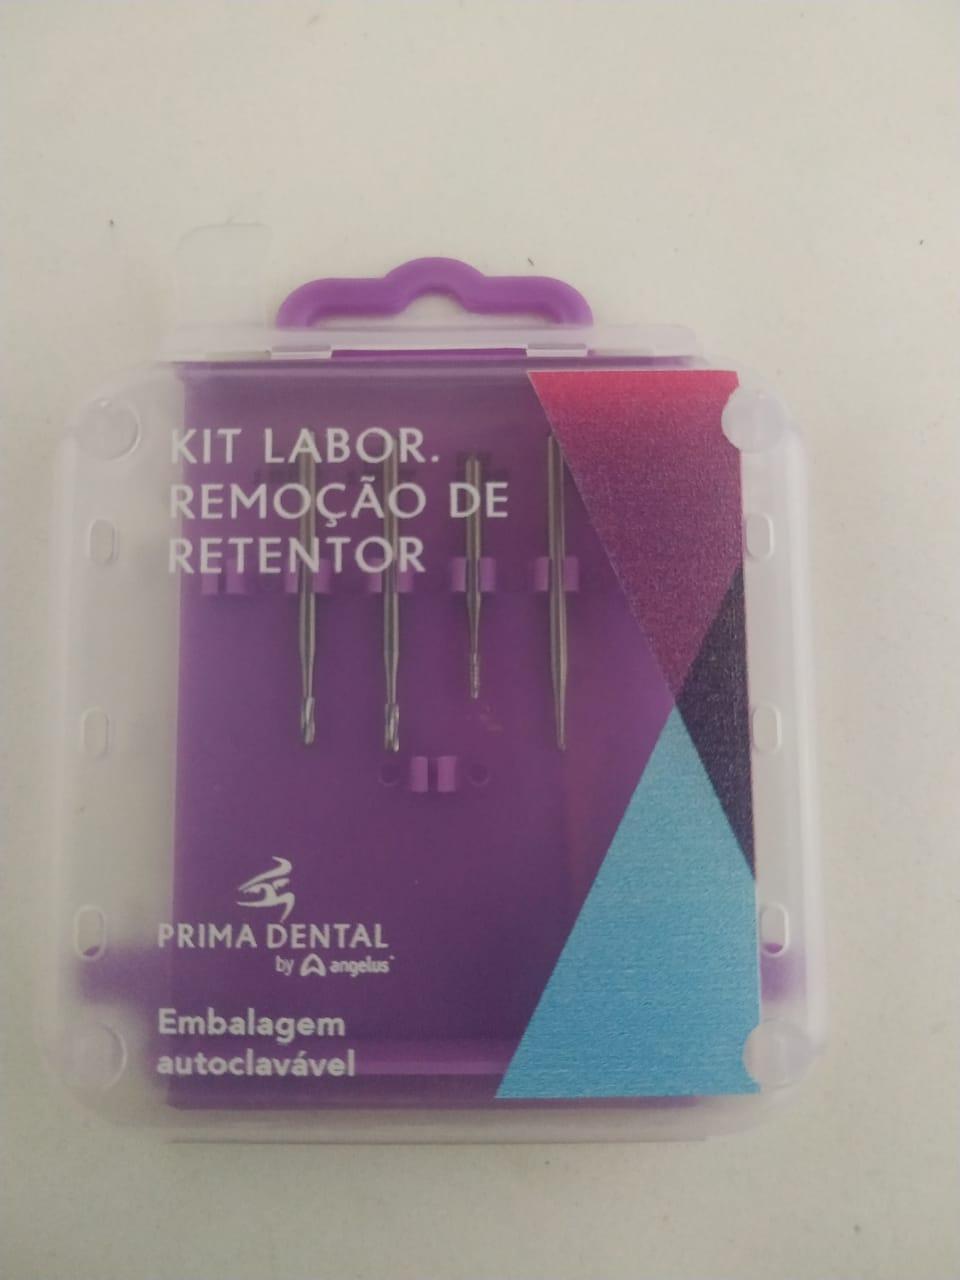 KIT BROCAS LABOR. REMOÇÃO DE RETENTOR - PRIMA DENTAL ANGELUS